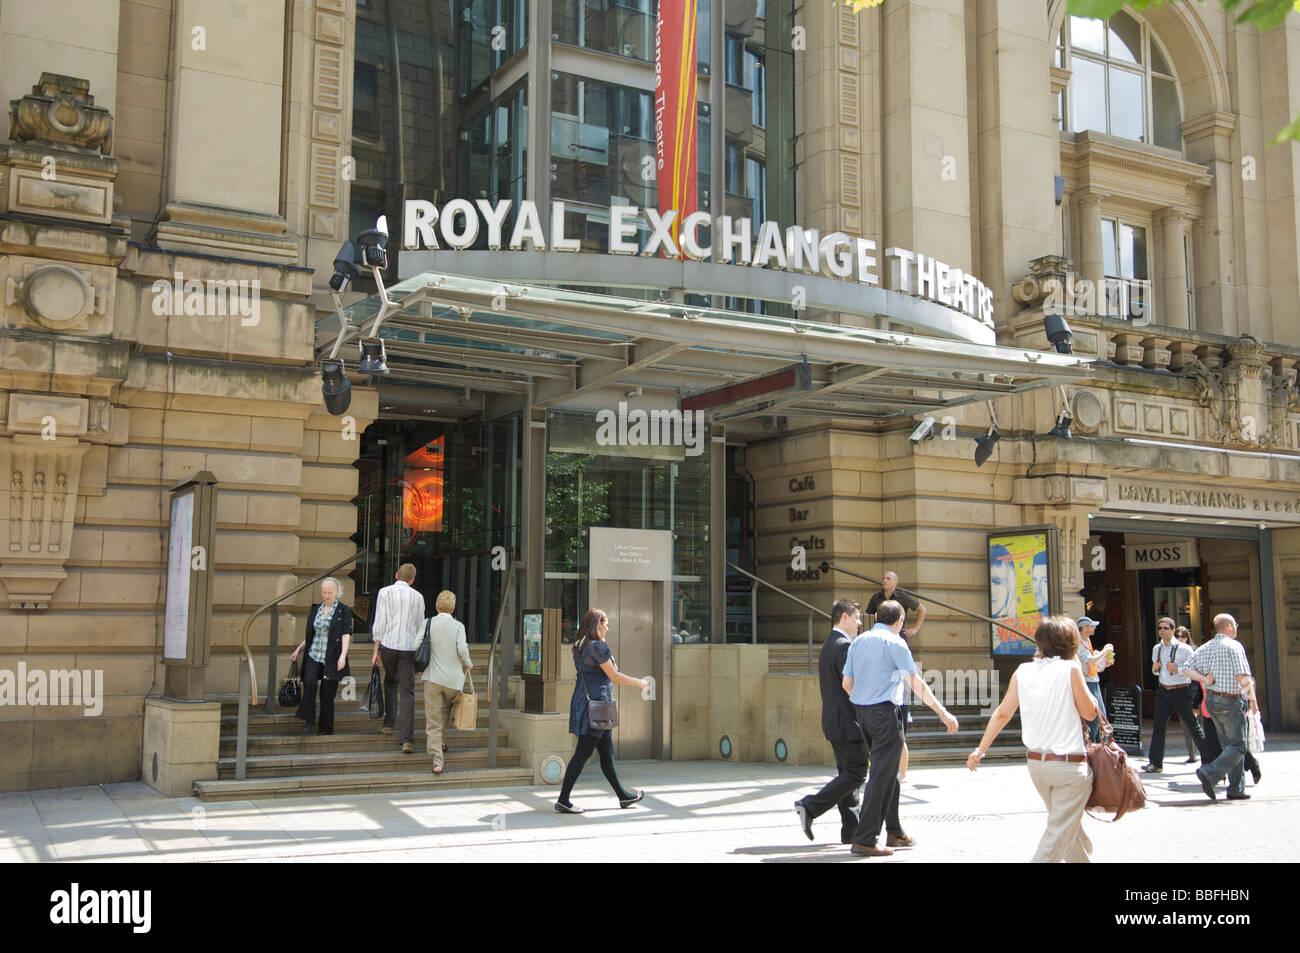 Außenansicht des Royal Exchange Theatre am St Anns Square, Manchester Stockfoto